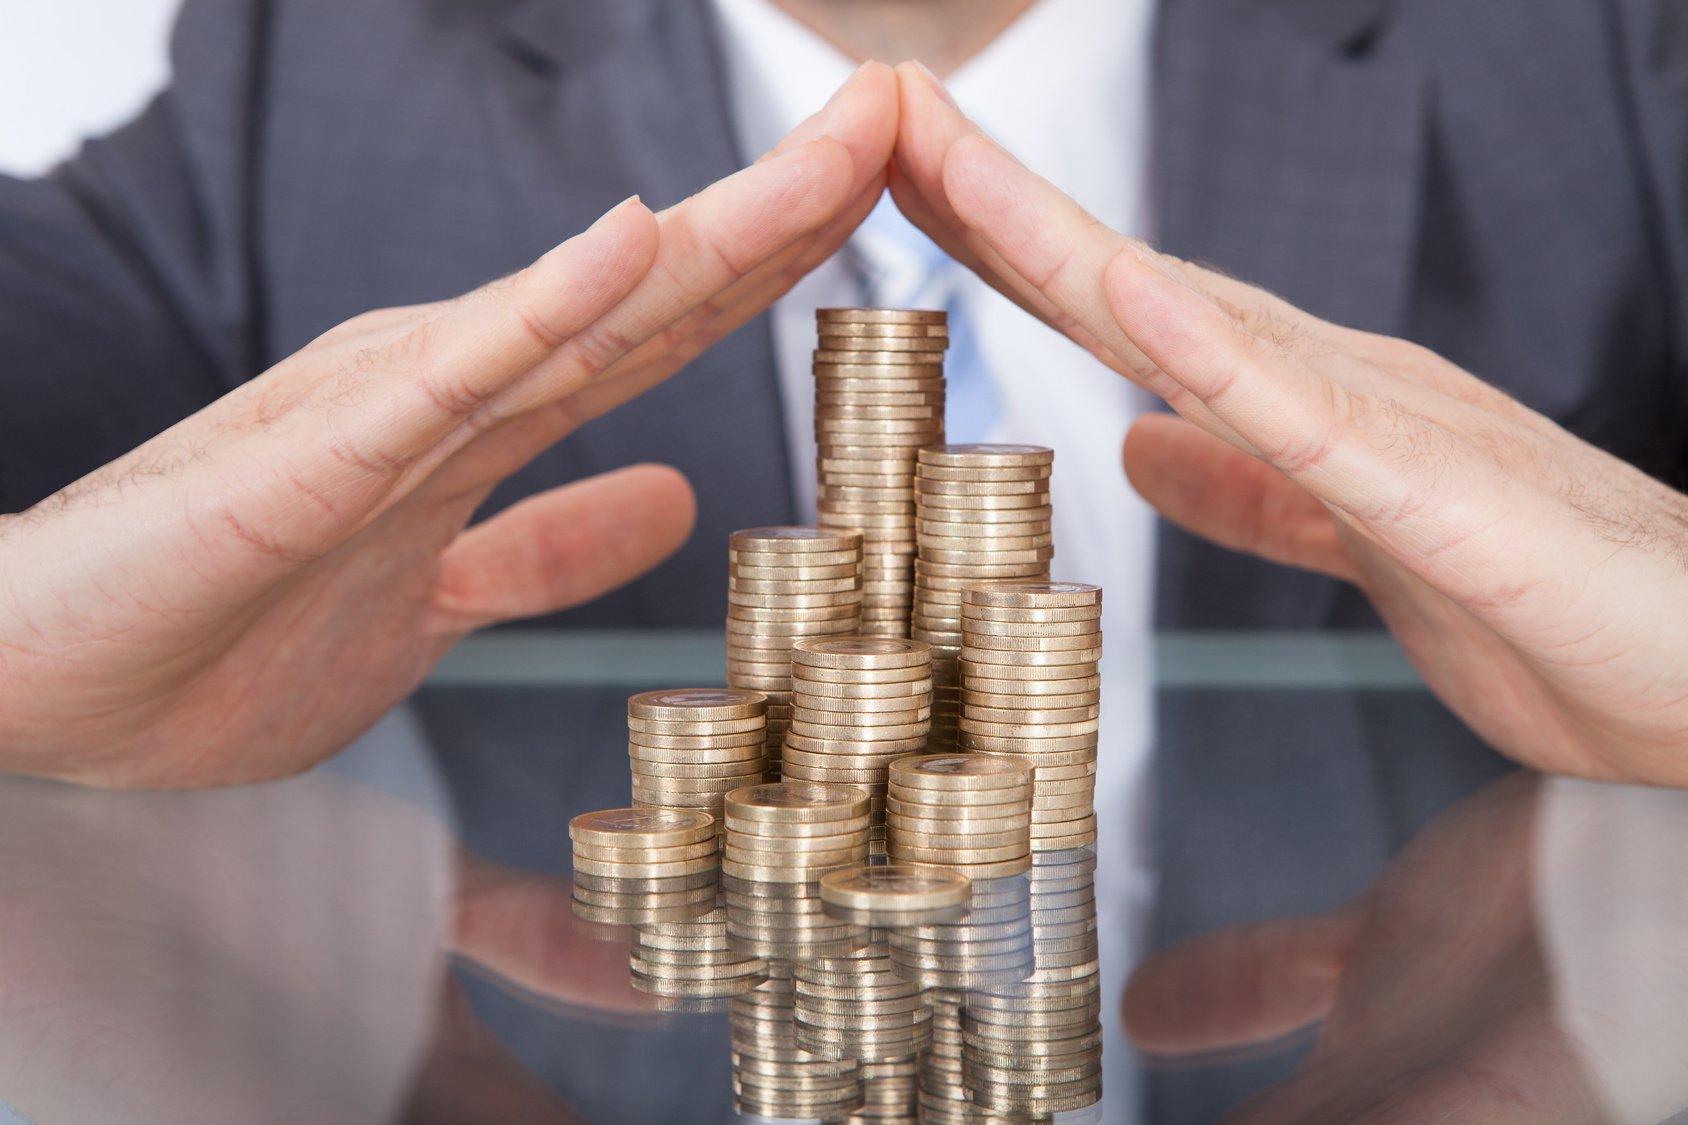 """Cuidado! """"Arredondar"""" pequenos valores poderá caracterizar sonegação fiscal"""